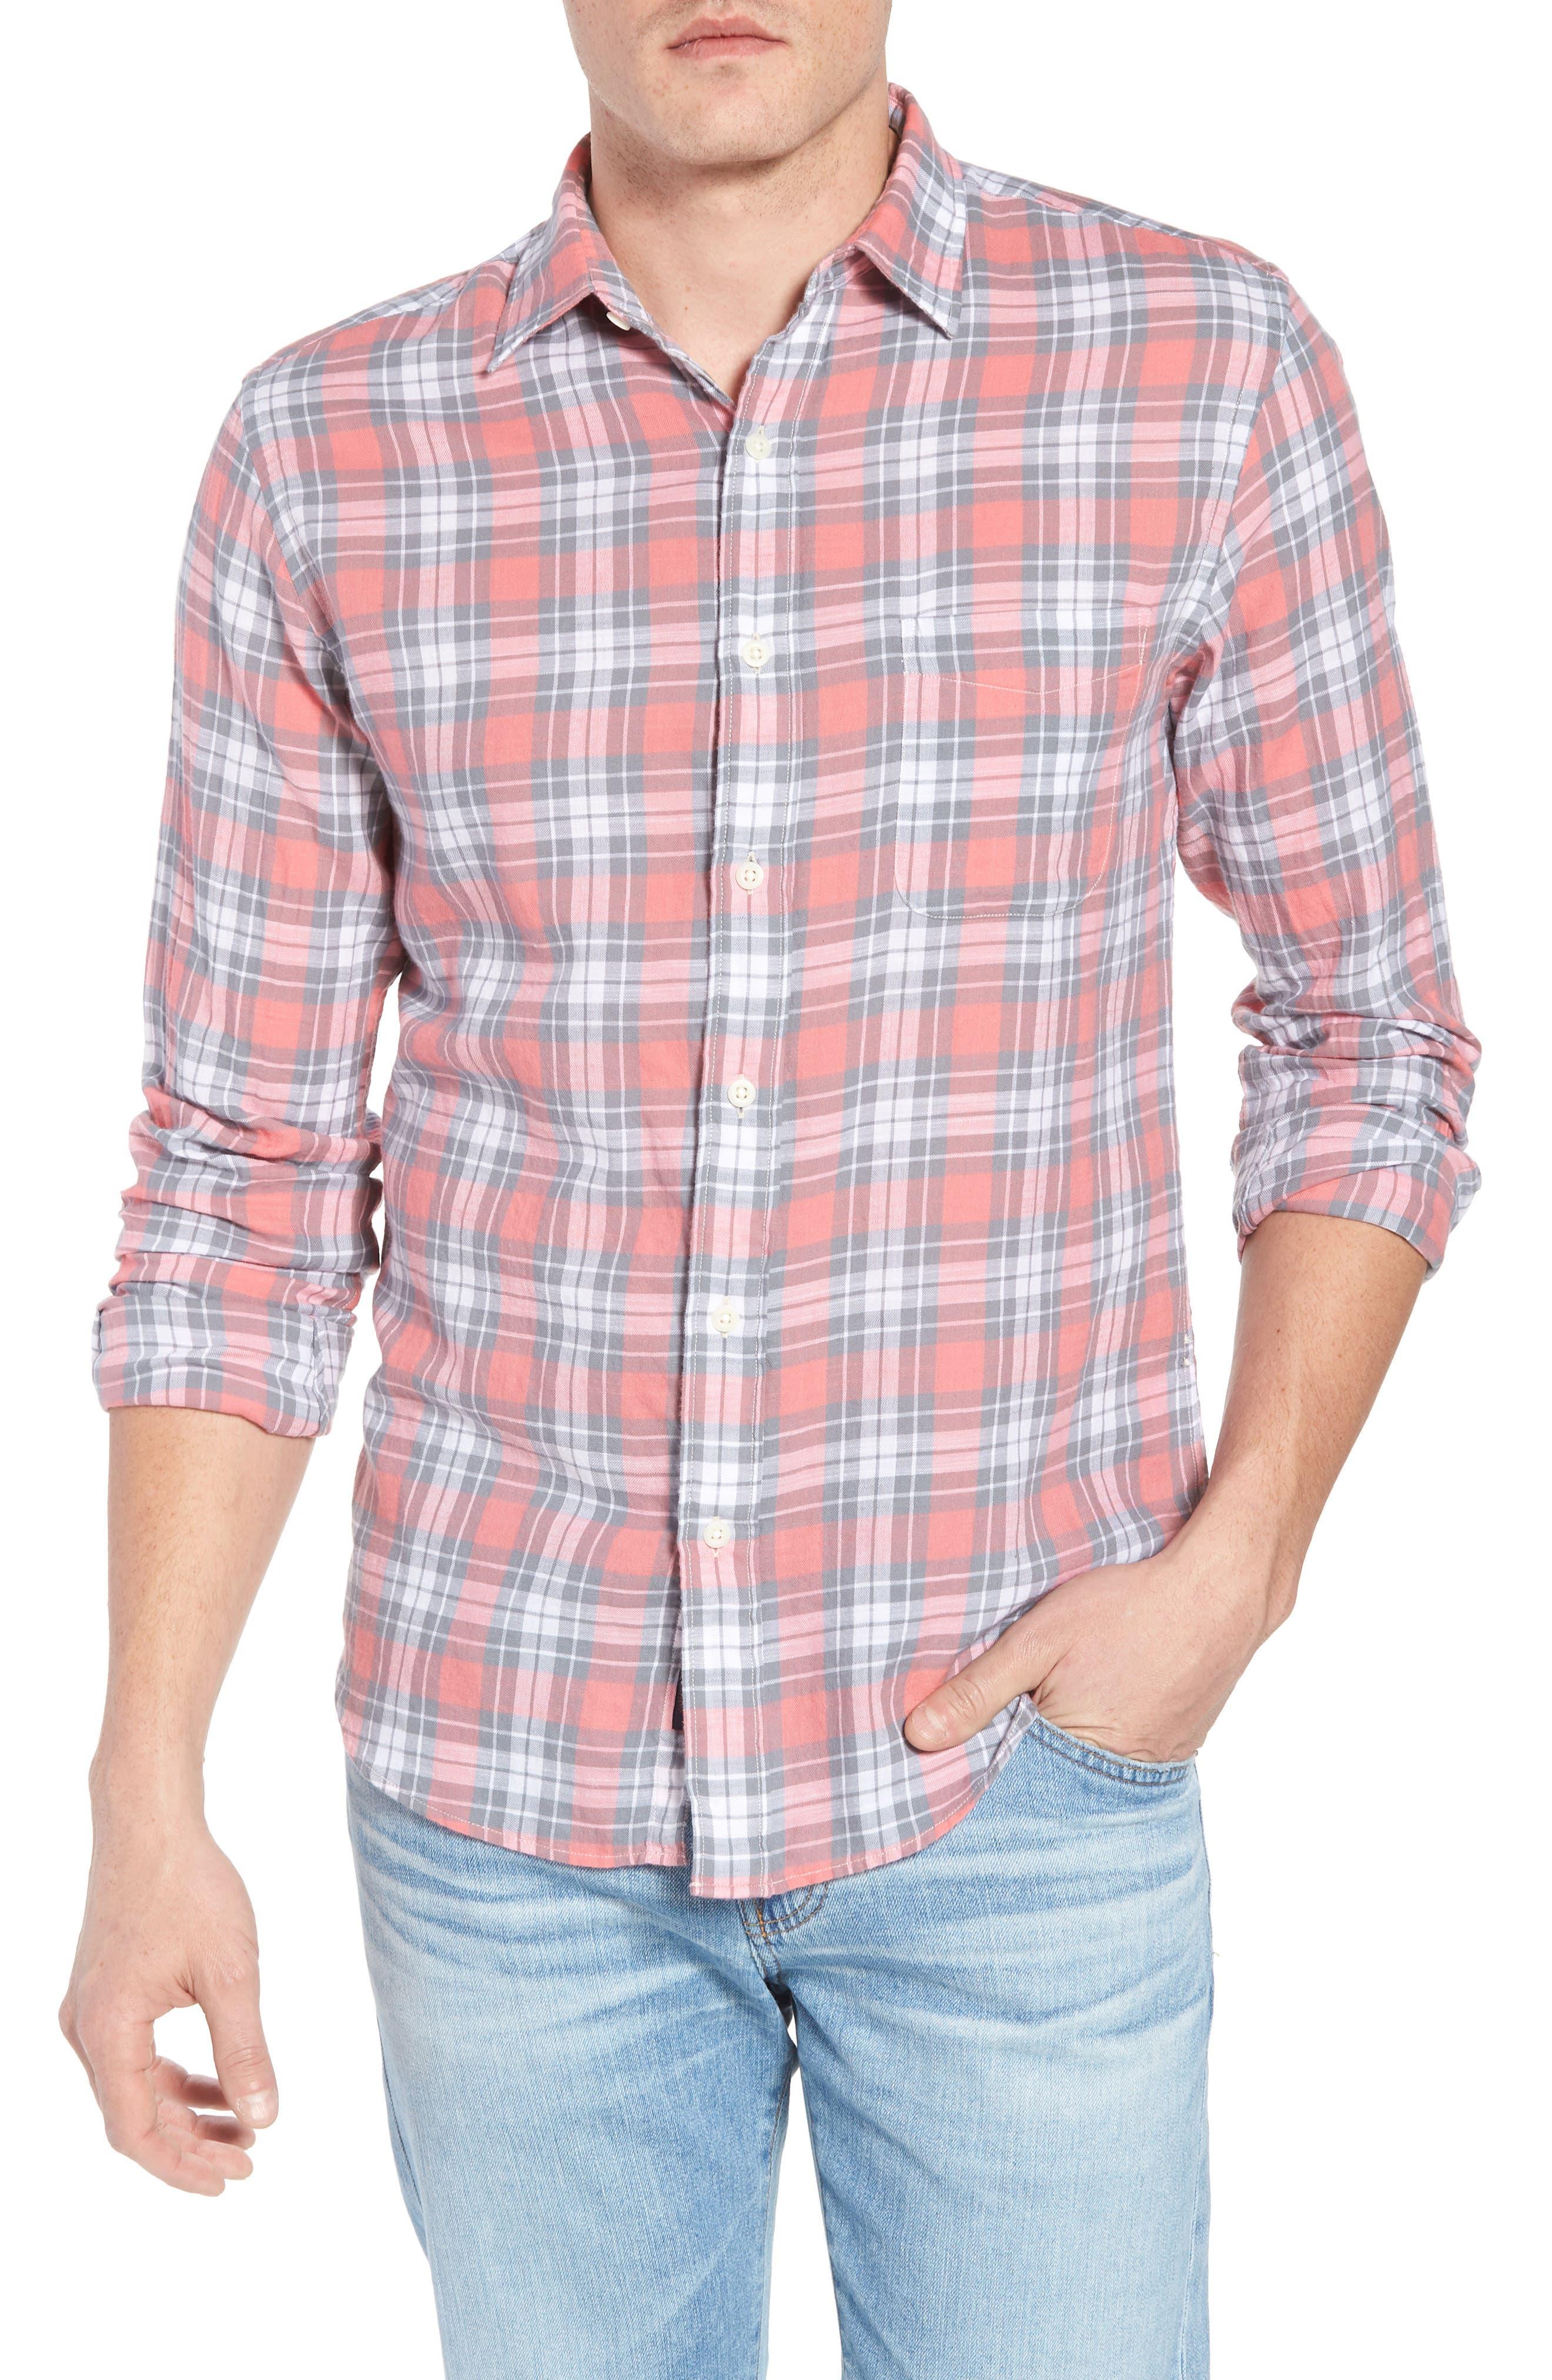 Ventura Plaid Sport Shirt,                         Main,                         color, 600